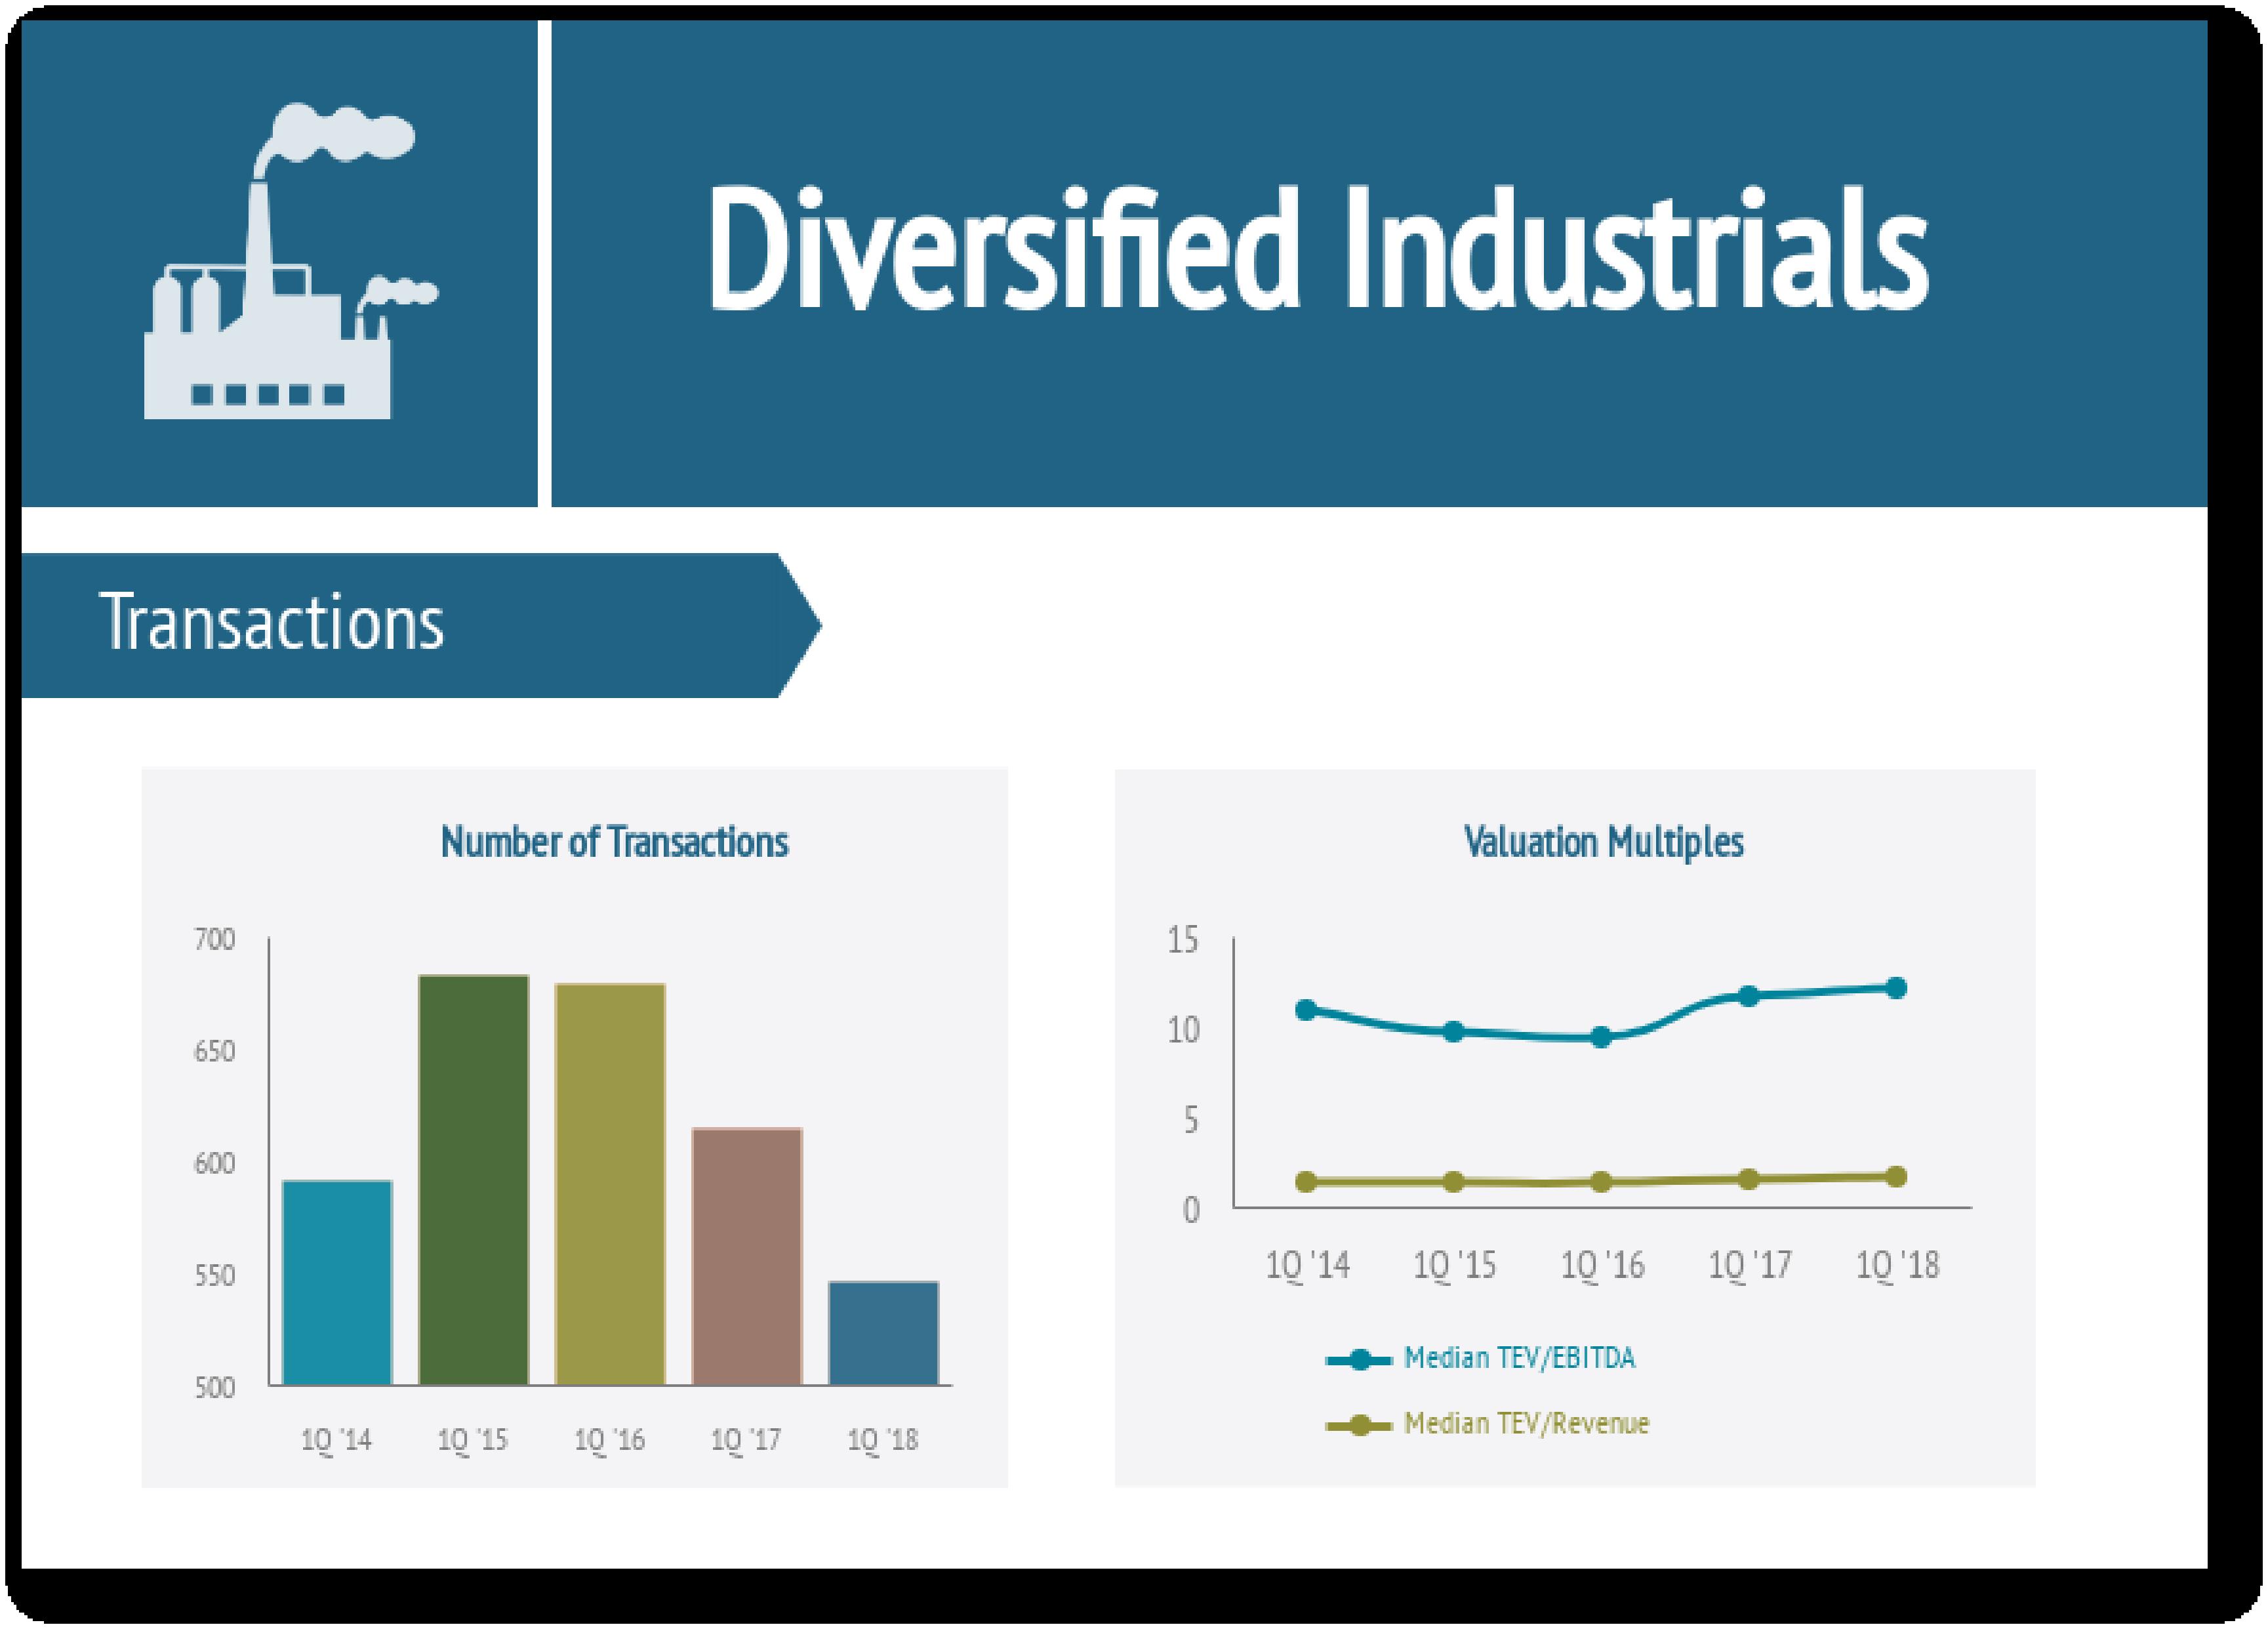 Diversified Industrials Industry Report